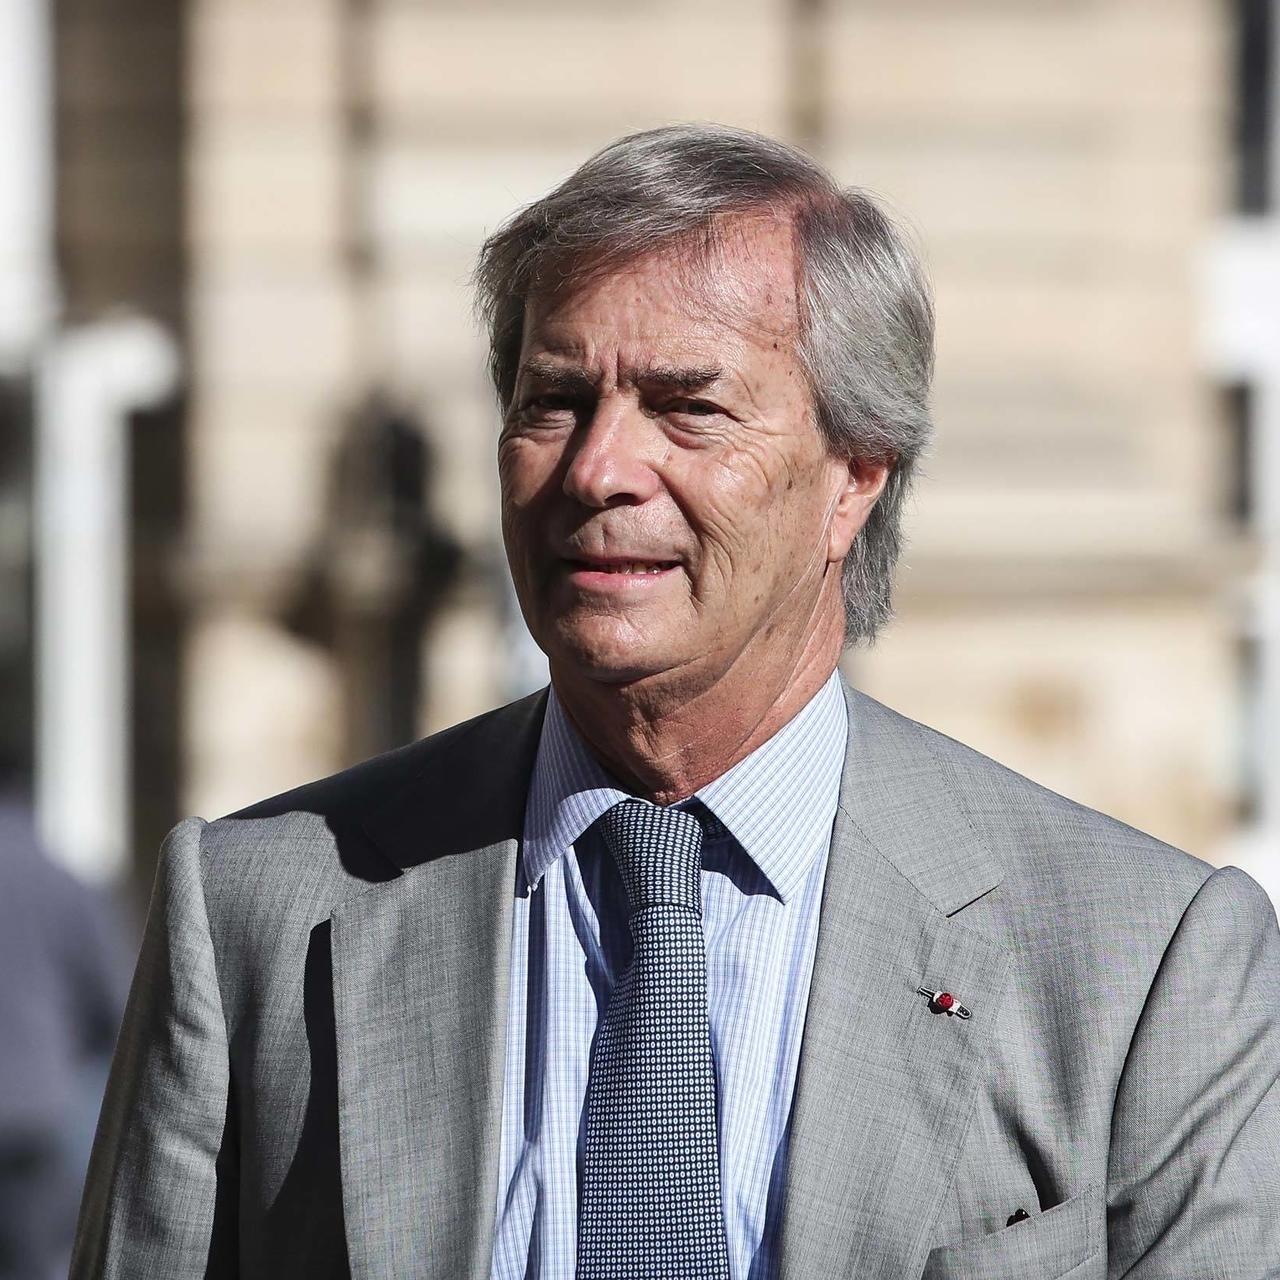 Affaire de corruption en Afrique : Le tribunal judiciaire de Paris refuse l'aveu de culpabilité de Vincent Bolloré et demande un procès...